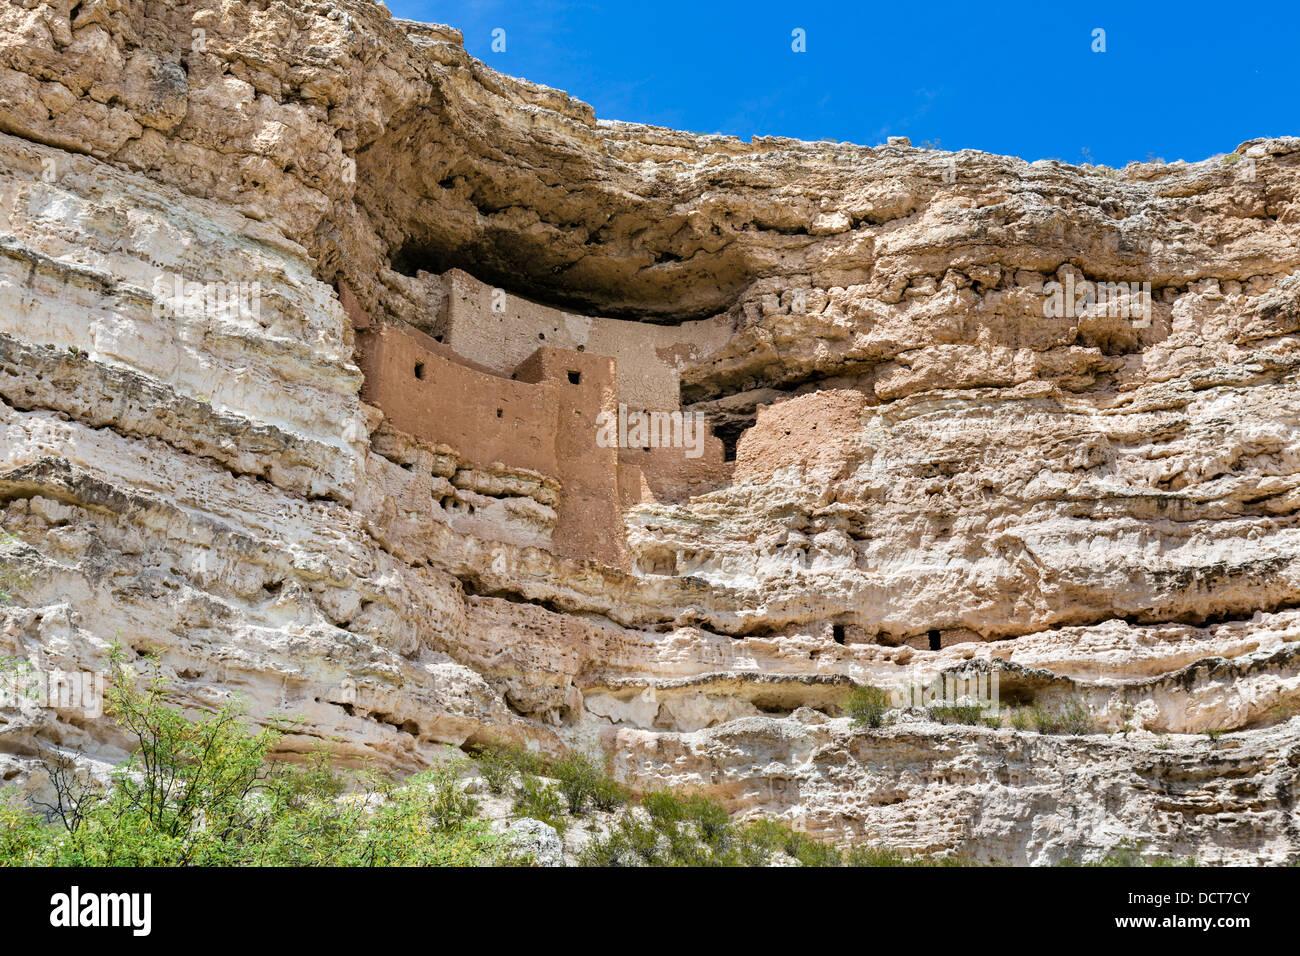 Montezuma Castle National Monument, gut erhaltene Klippe Wohnung der Sinagua Menschen, in der Nähe von Camp Stockbild